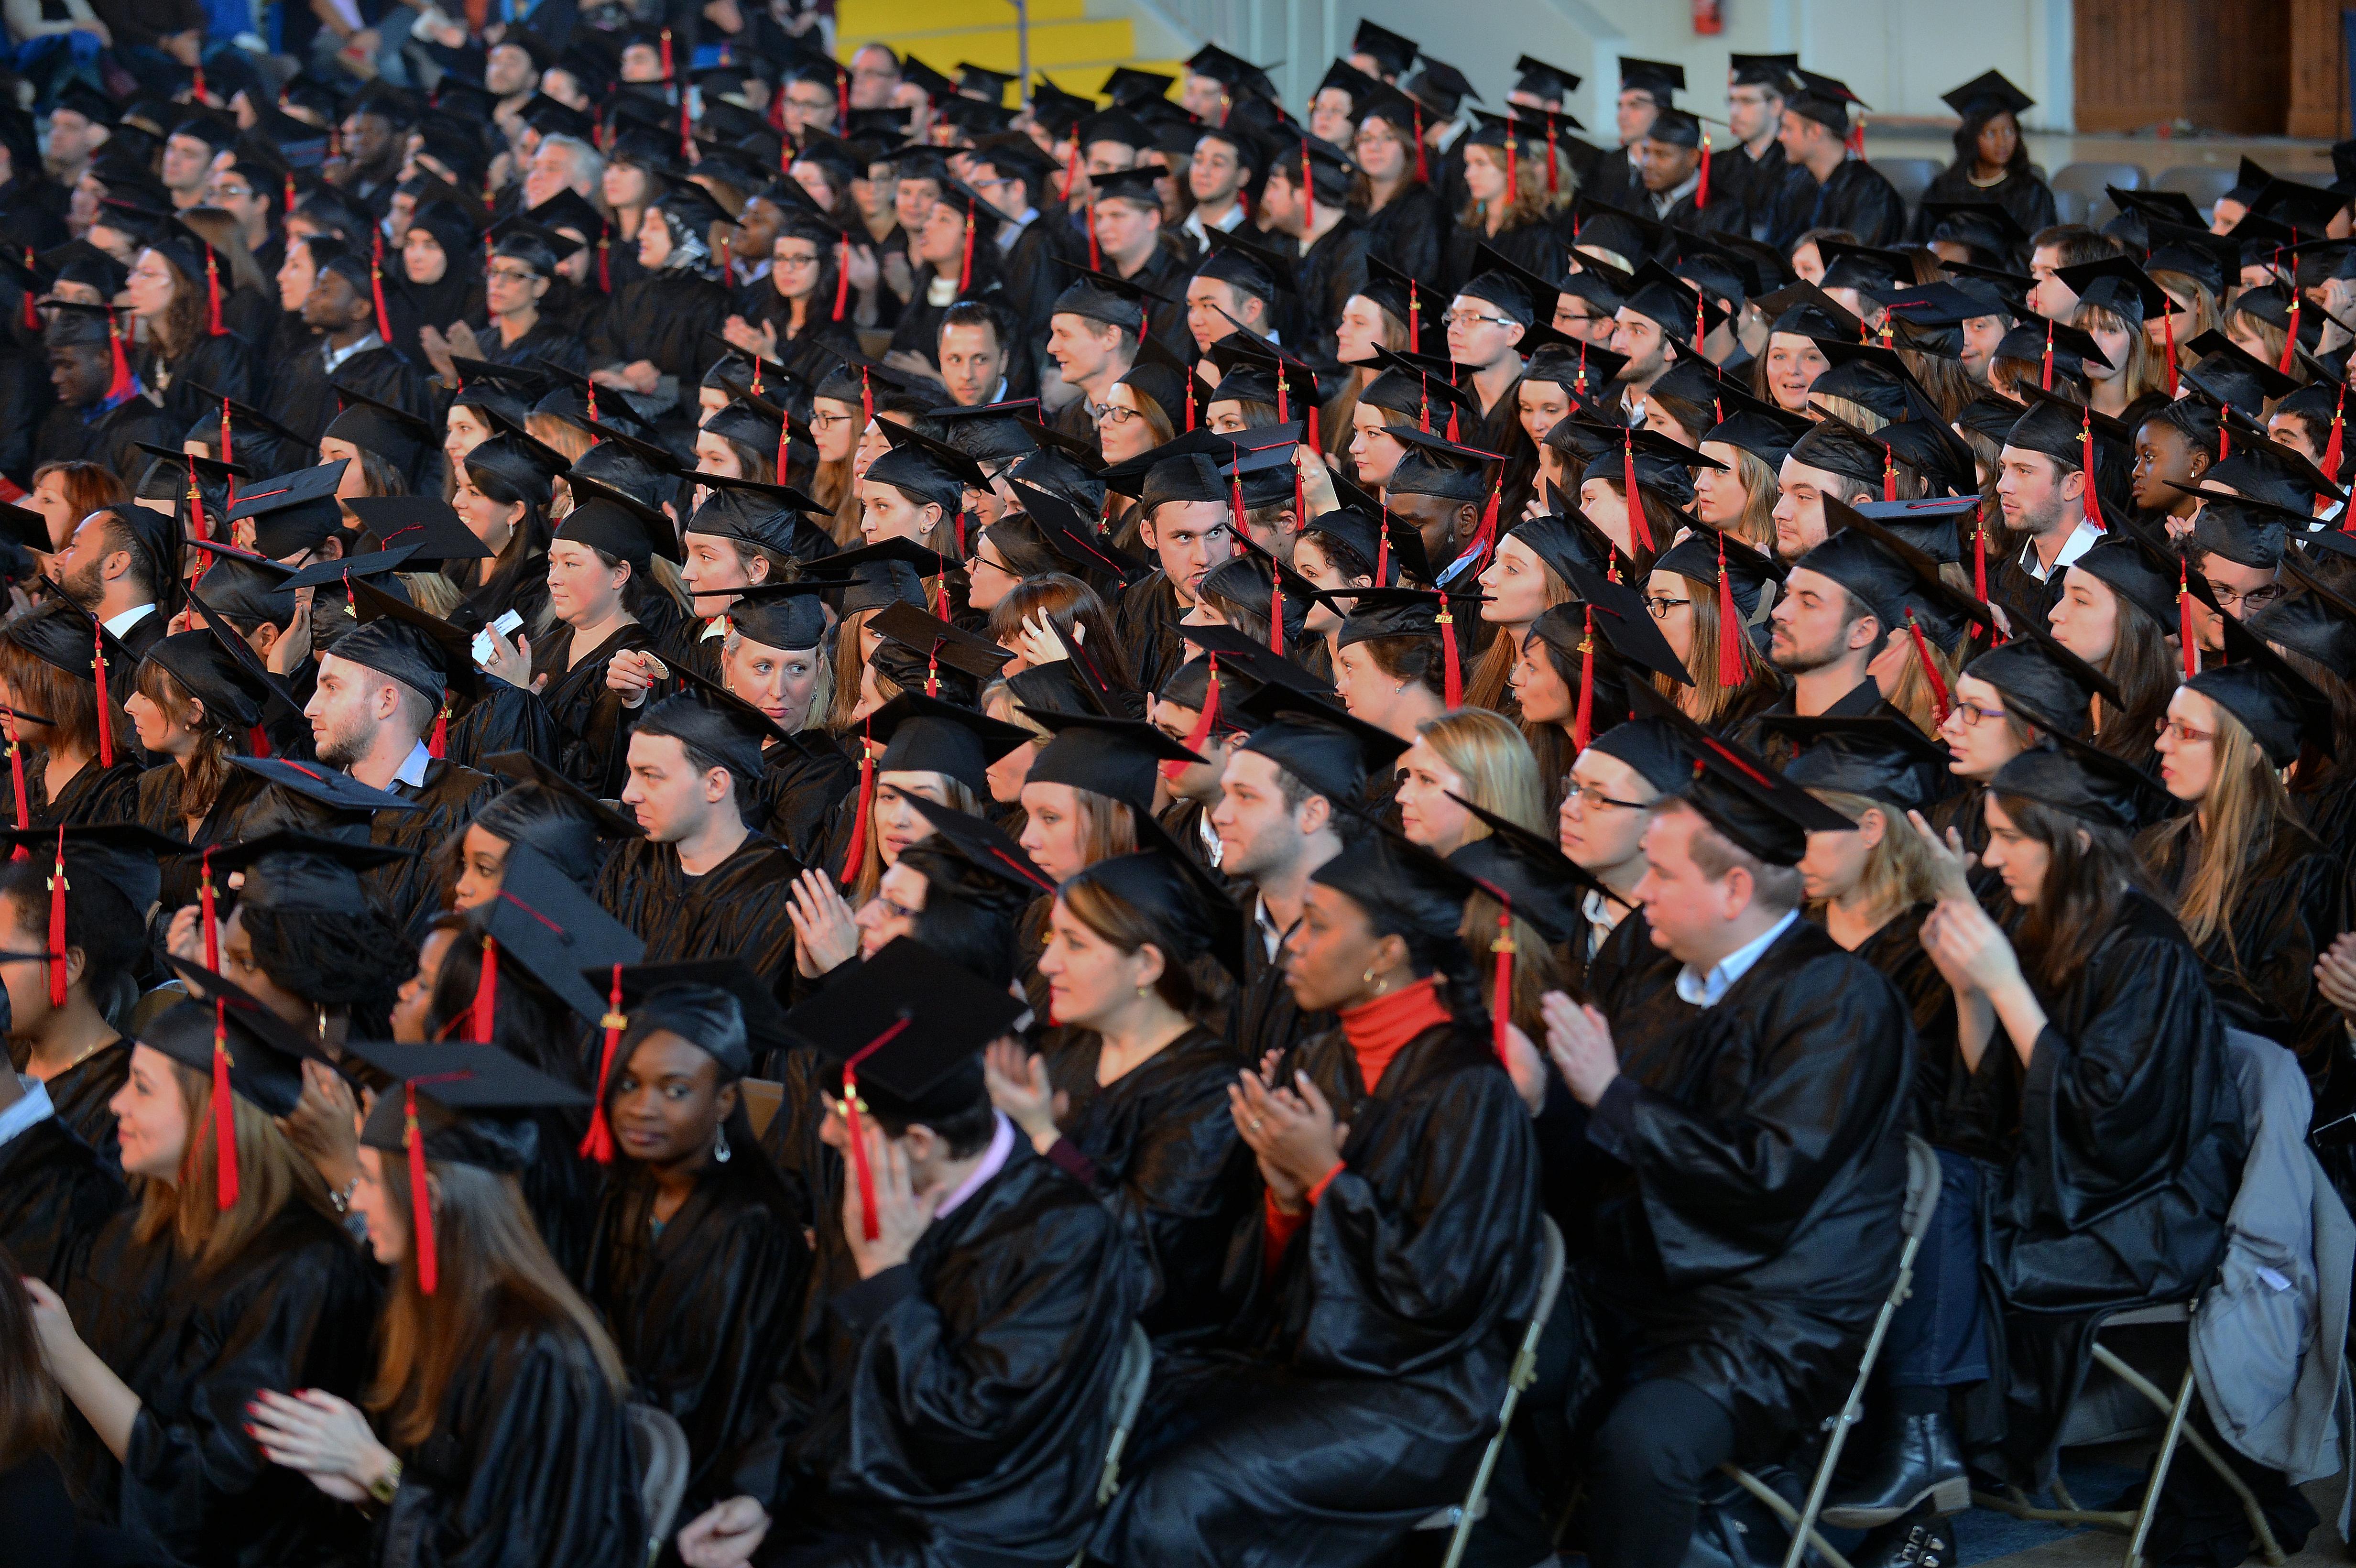 Remise de diplome universite reims champagne ardenne 2014 par Feng et Alain Hatat, agence Rêve Ville